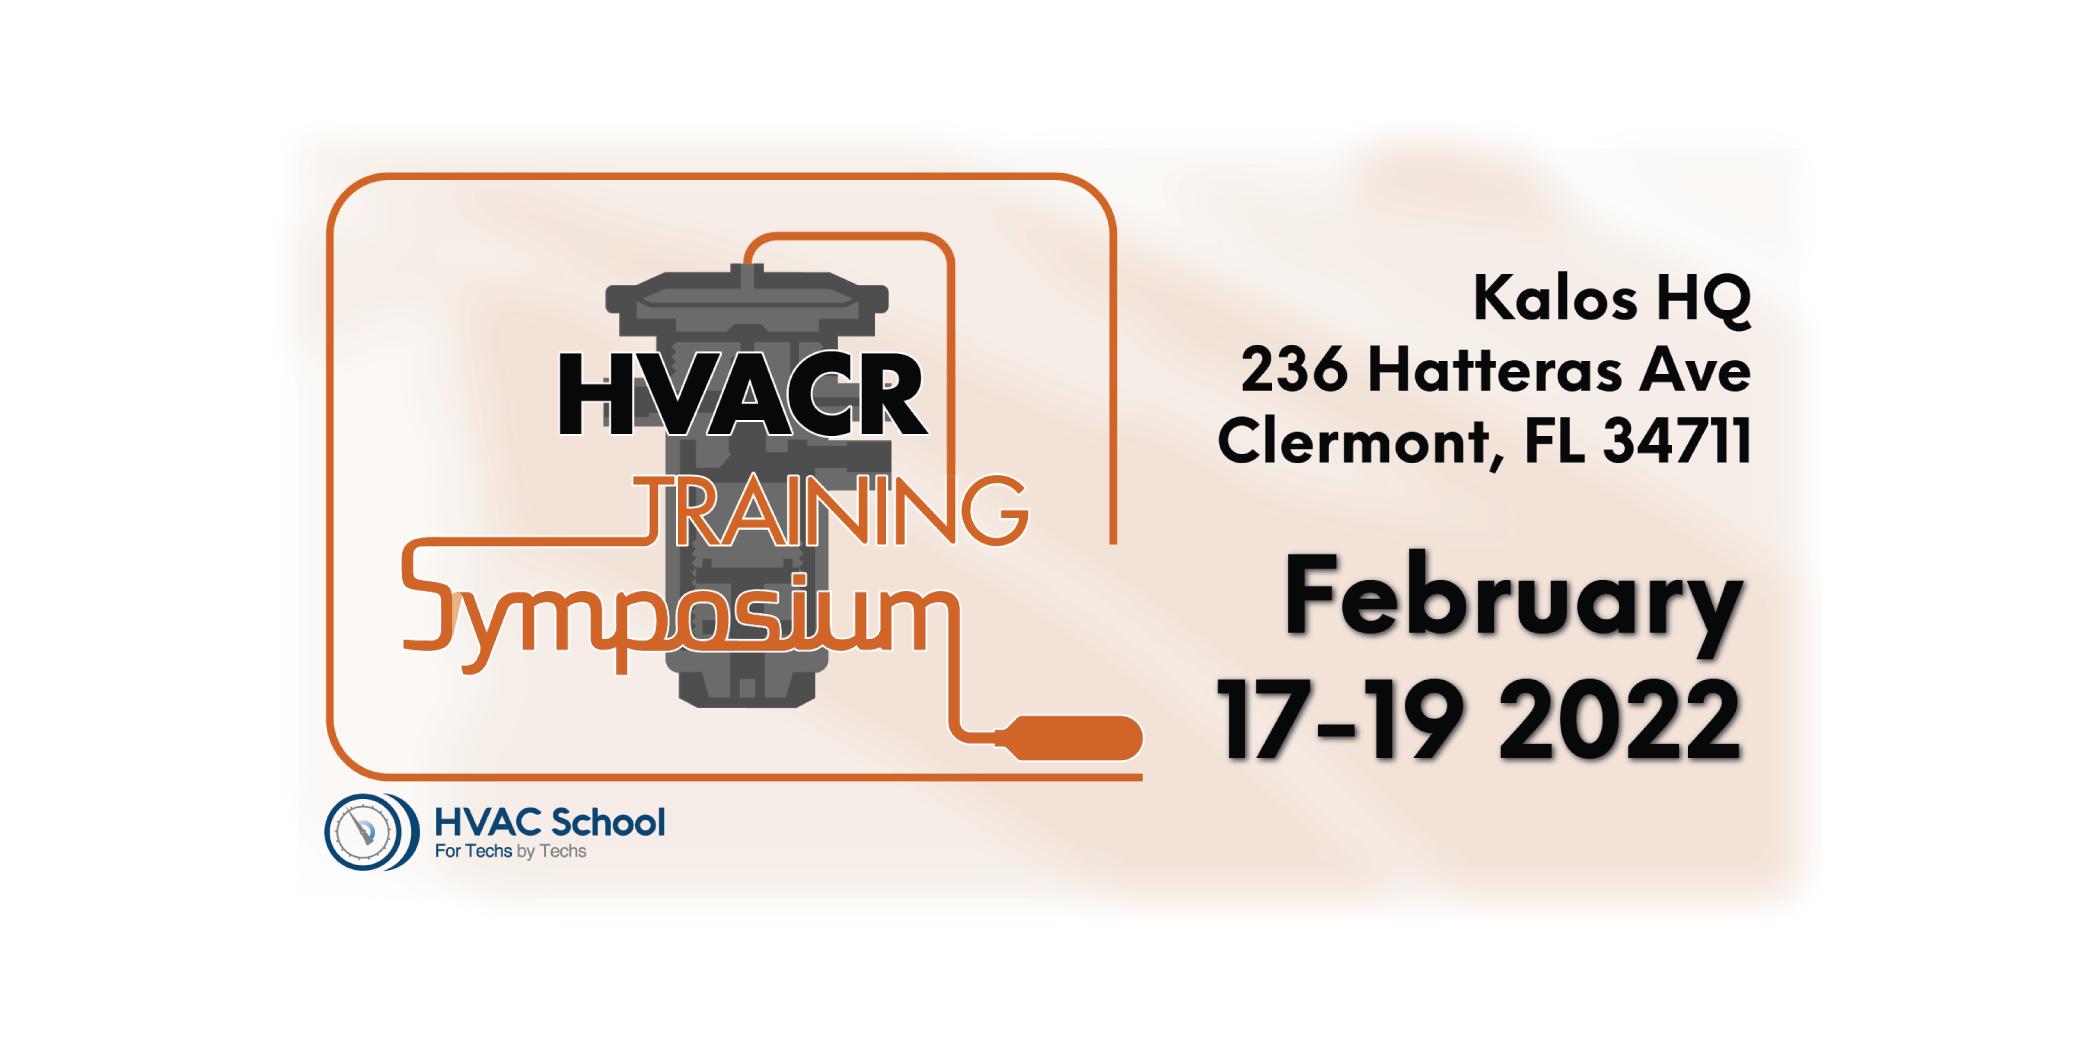 HVACR Training Symposium 2022